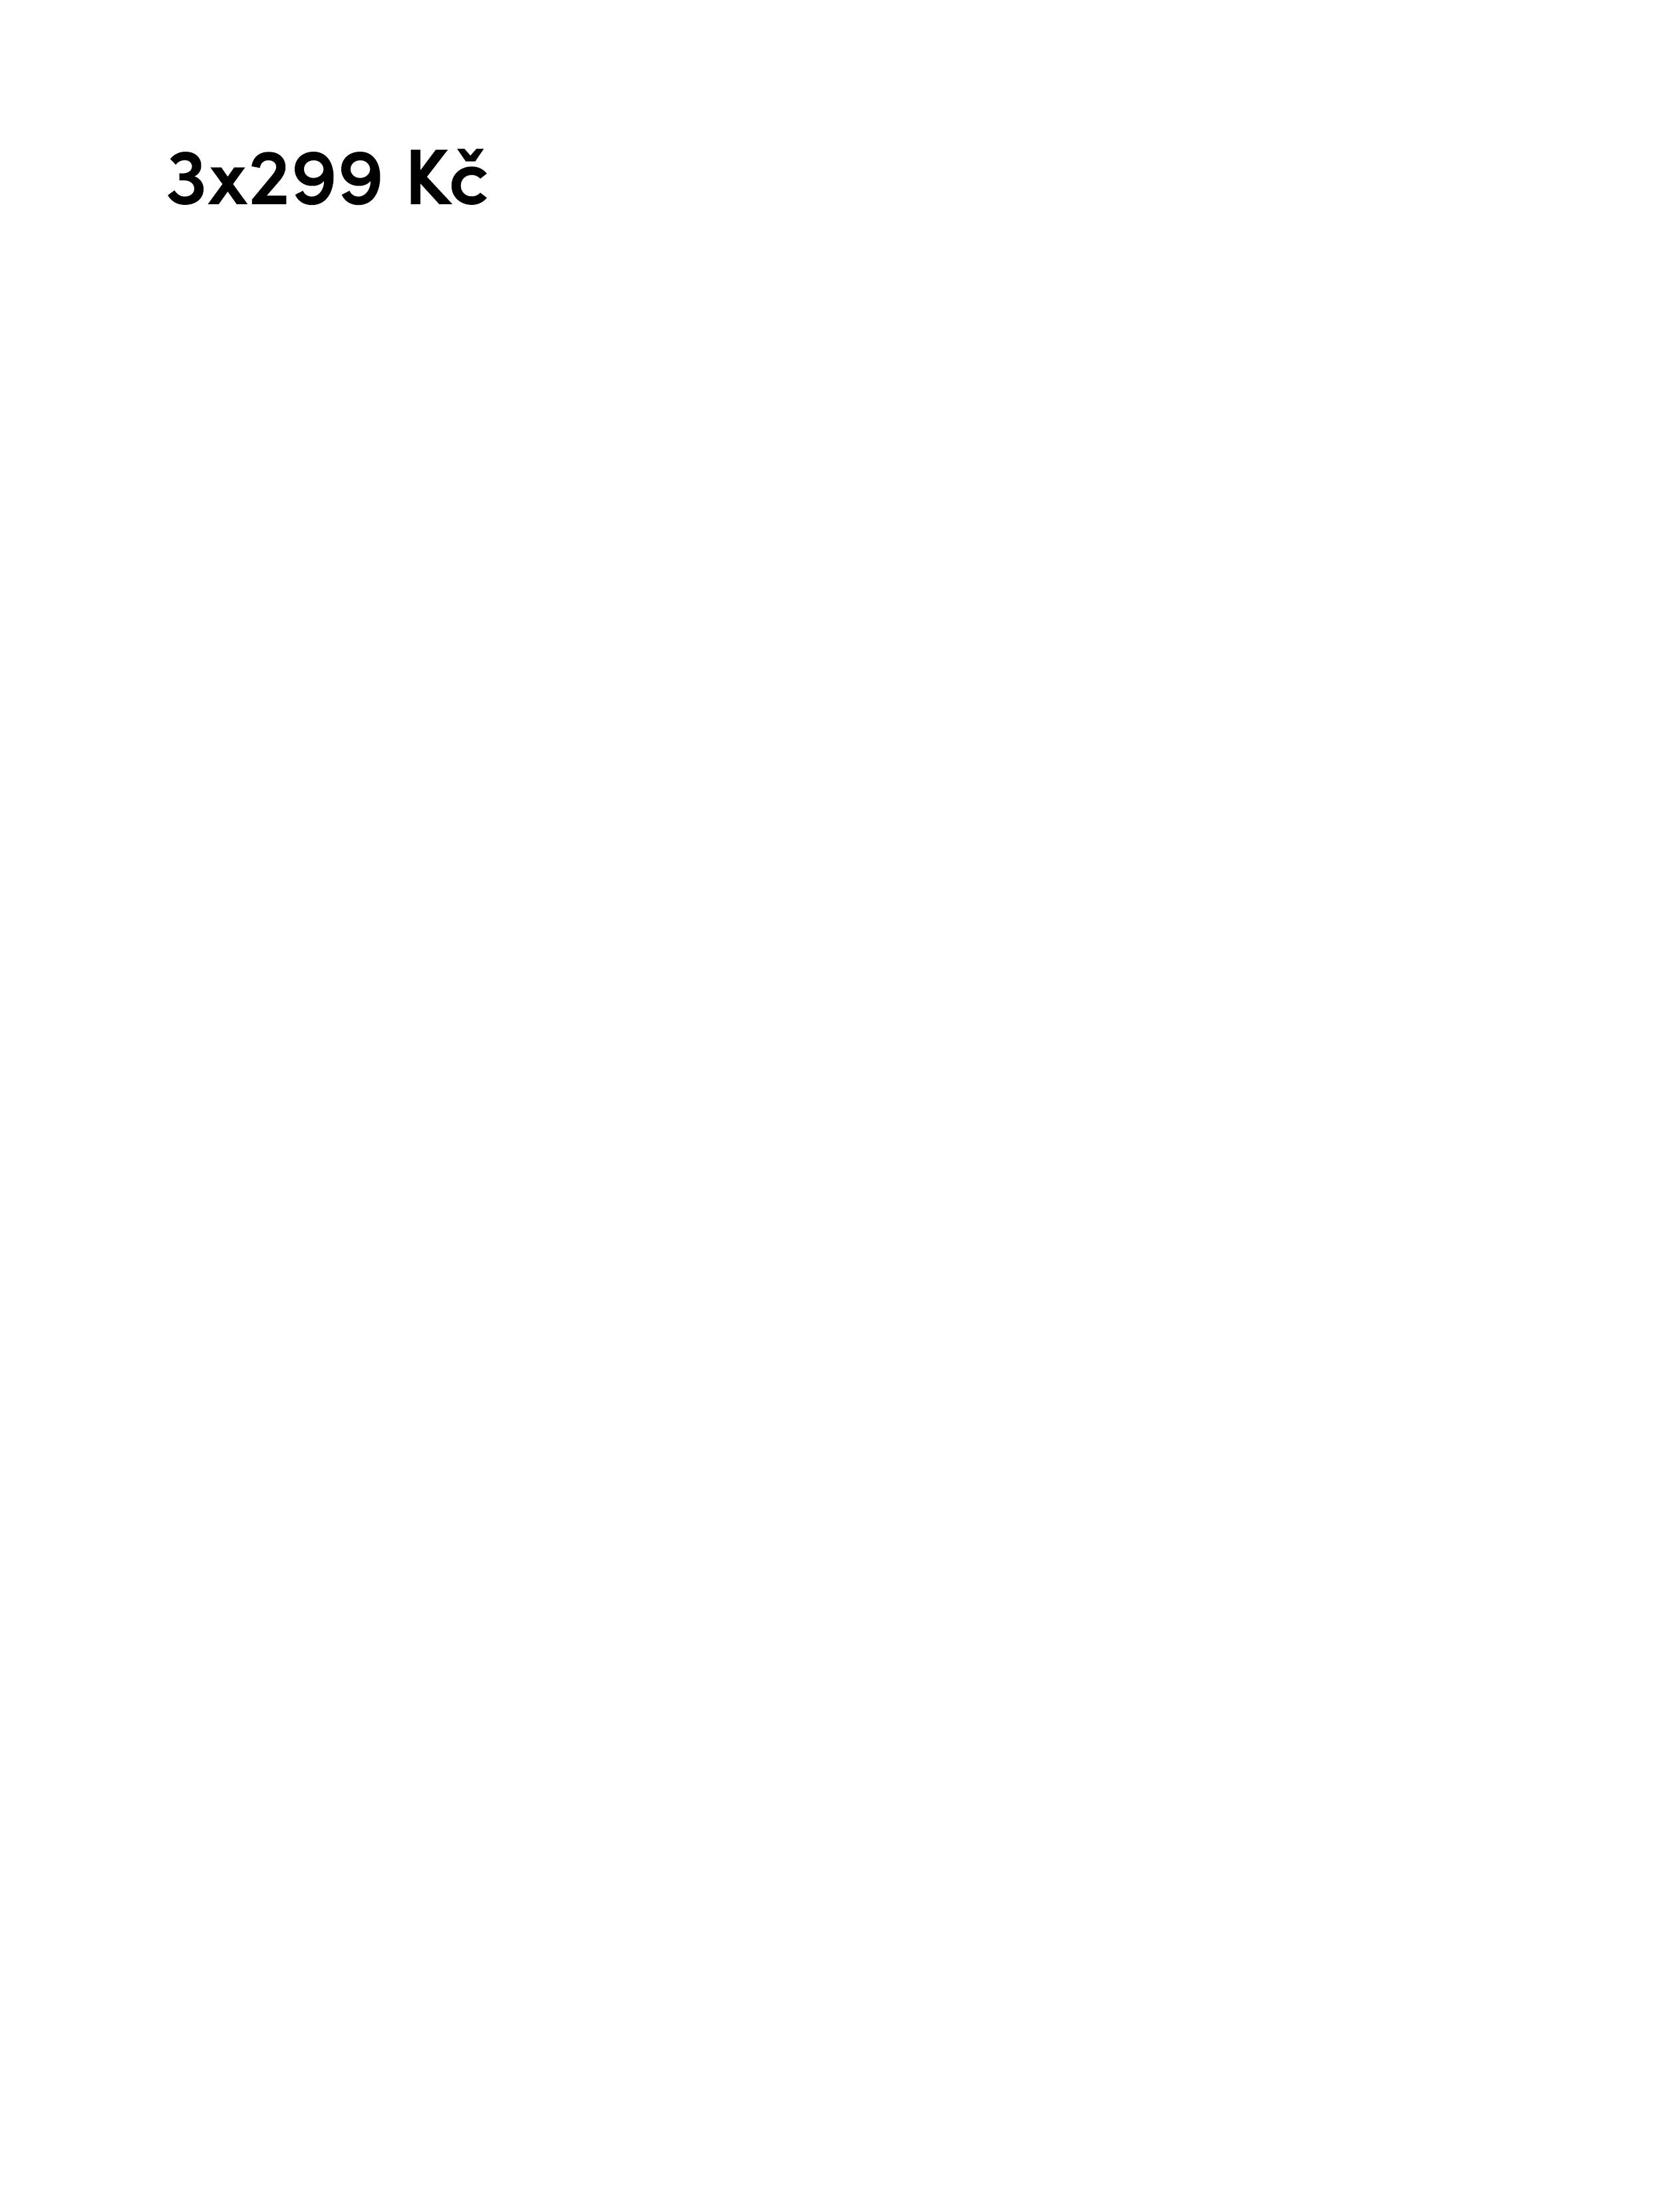 CZ_3x299